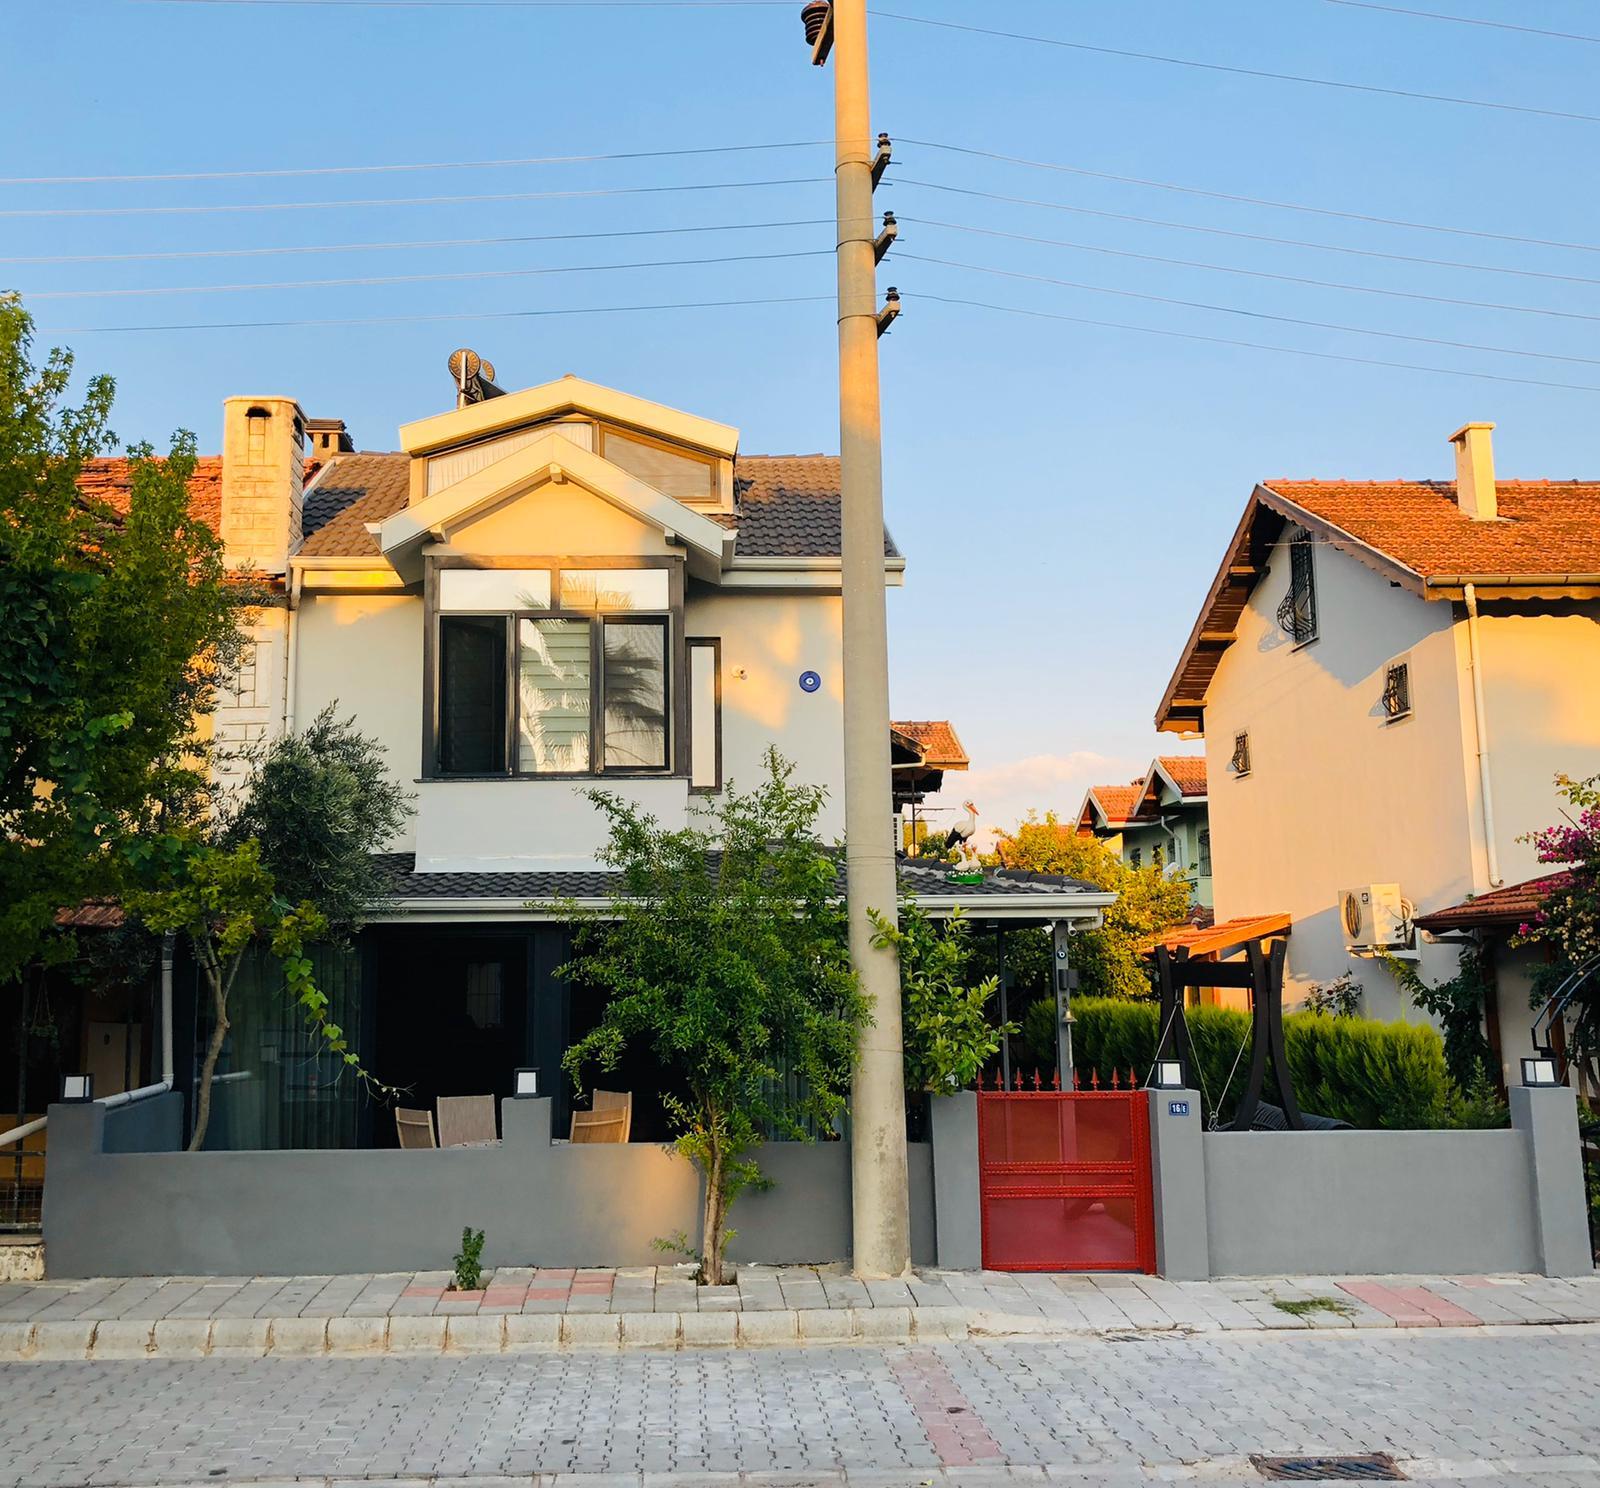 Fethiye'de Merkezi Konumda Satılık Triplex Villa